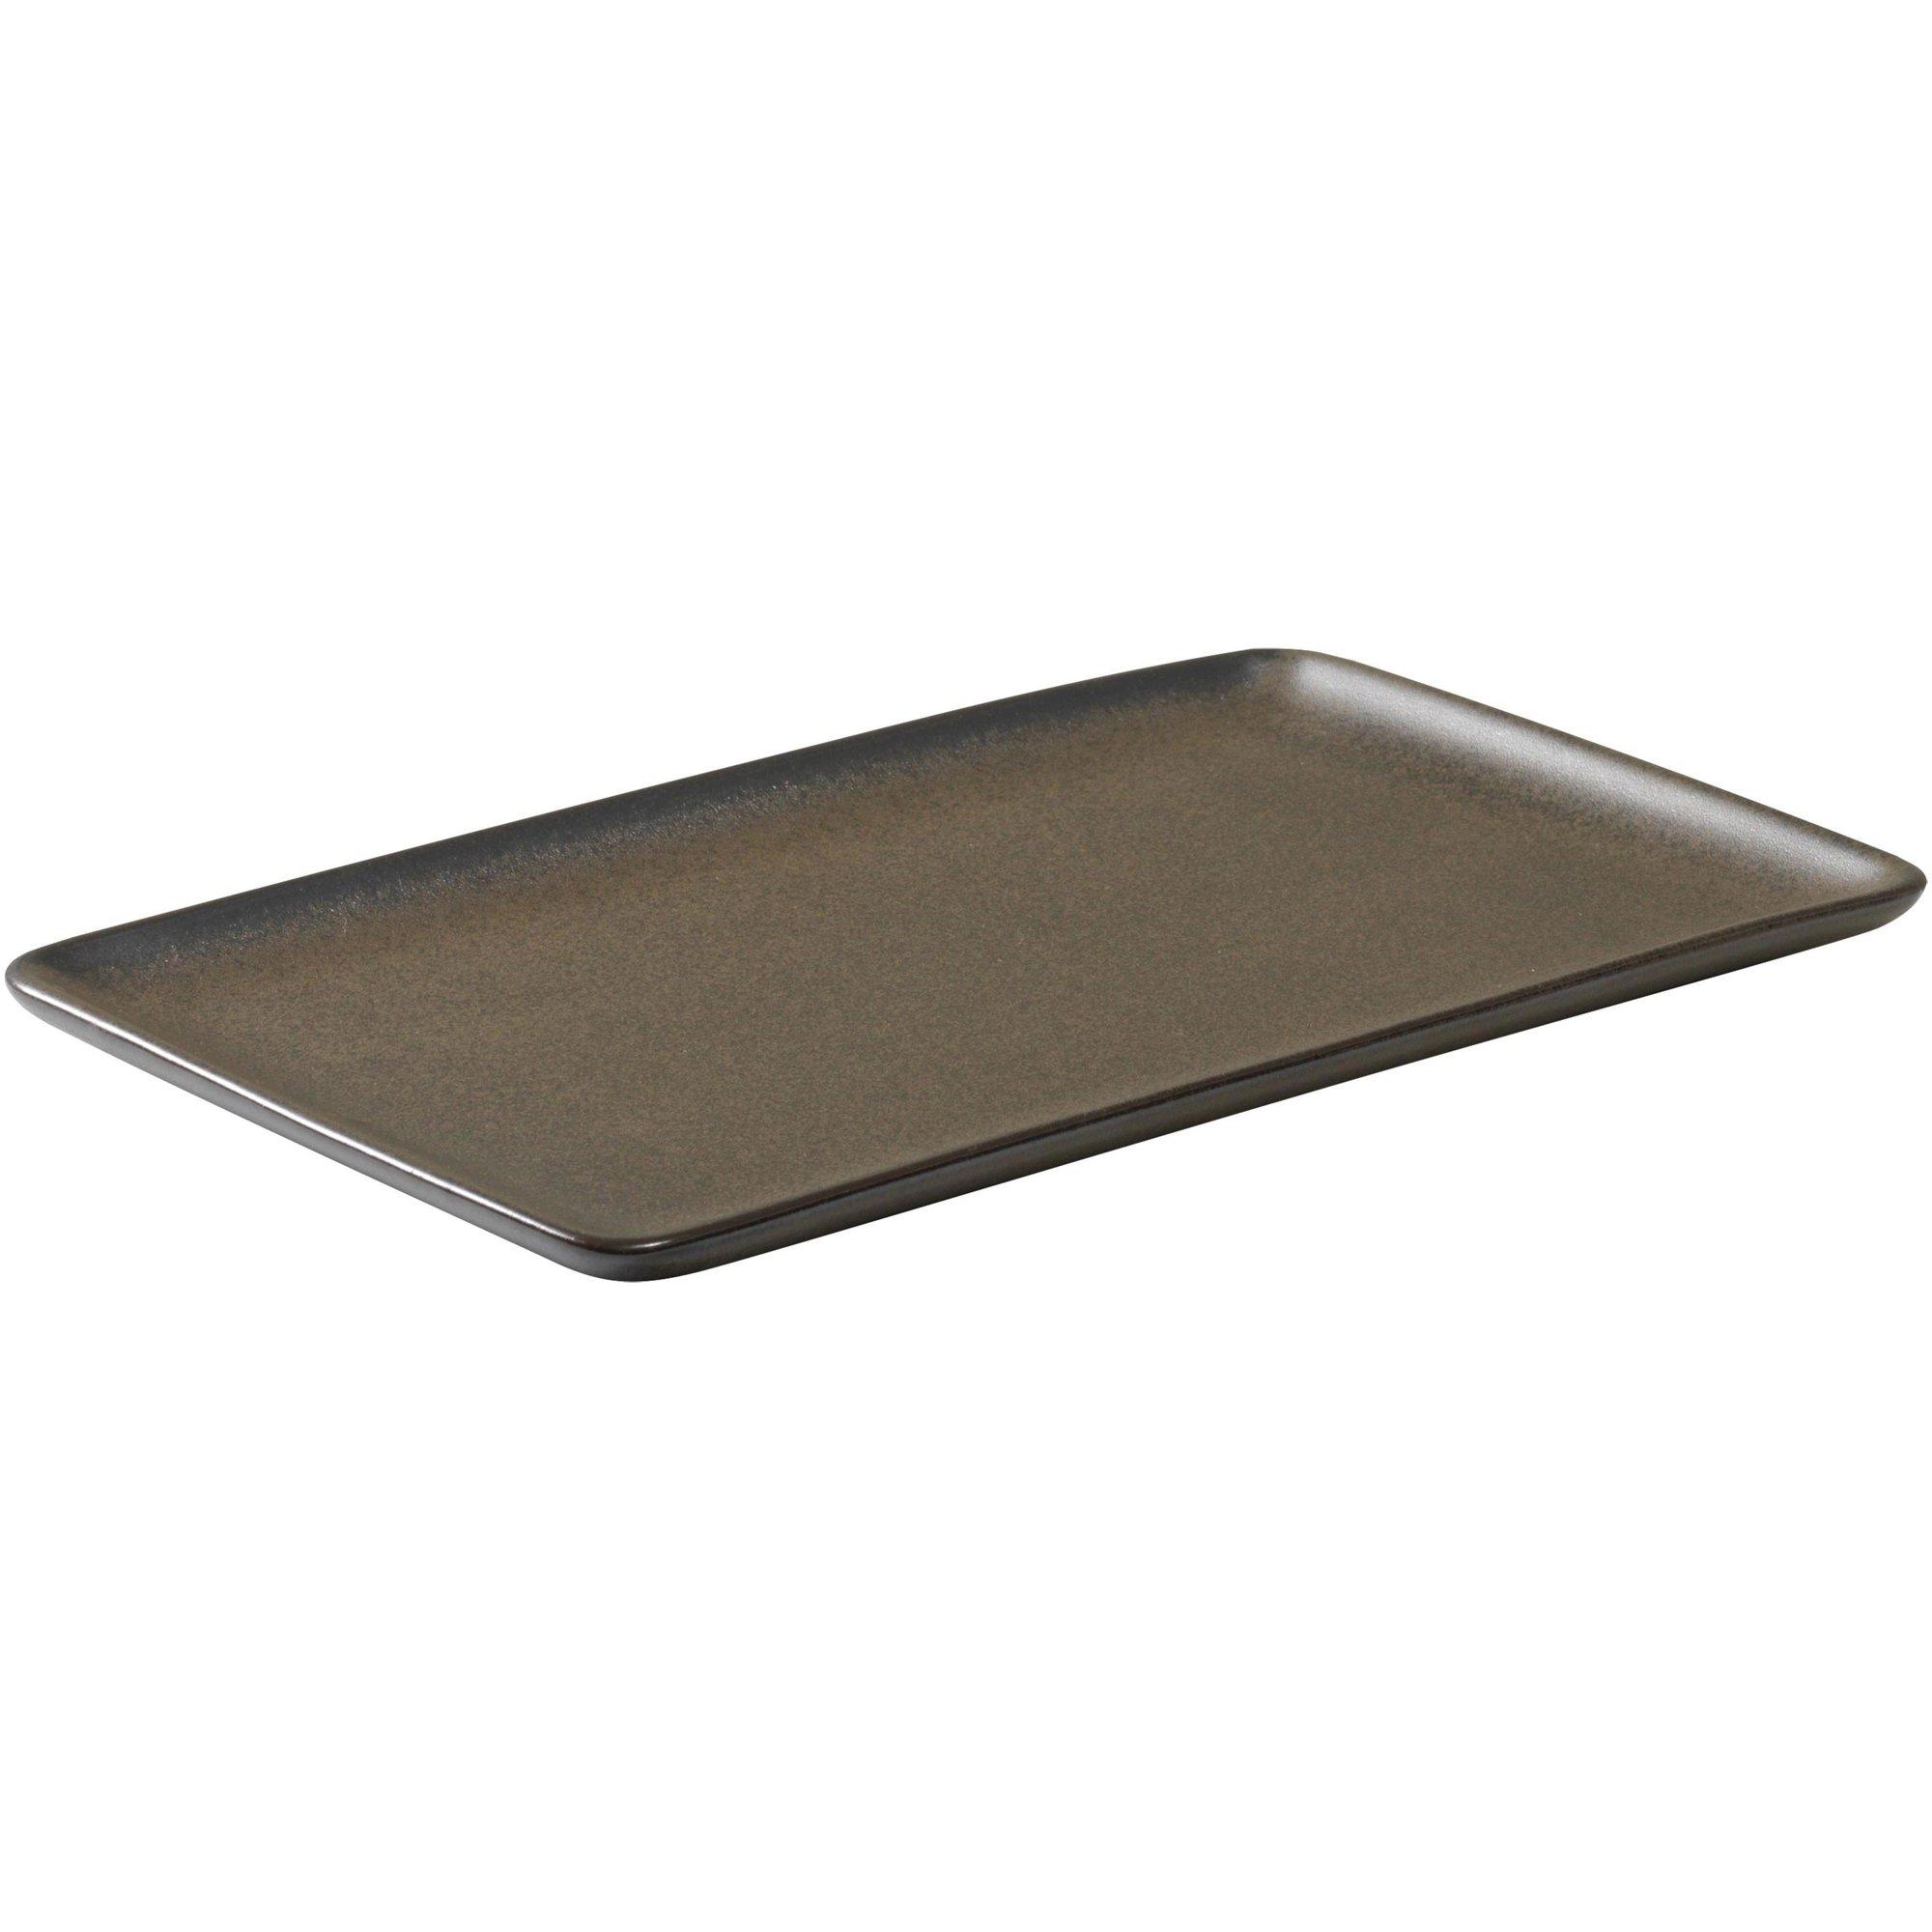 Aida RAW rektangulär tallrik metallisk brun 23,5 cm.